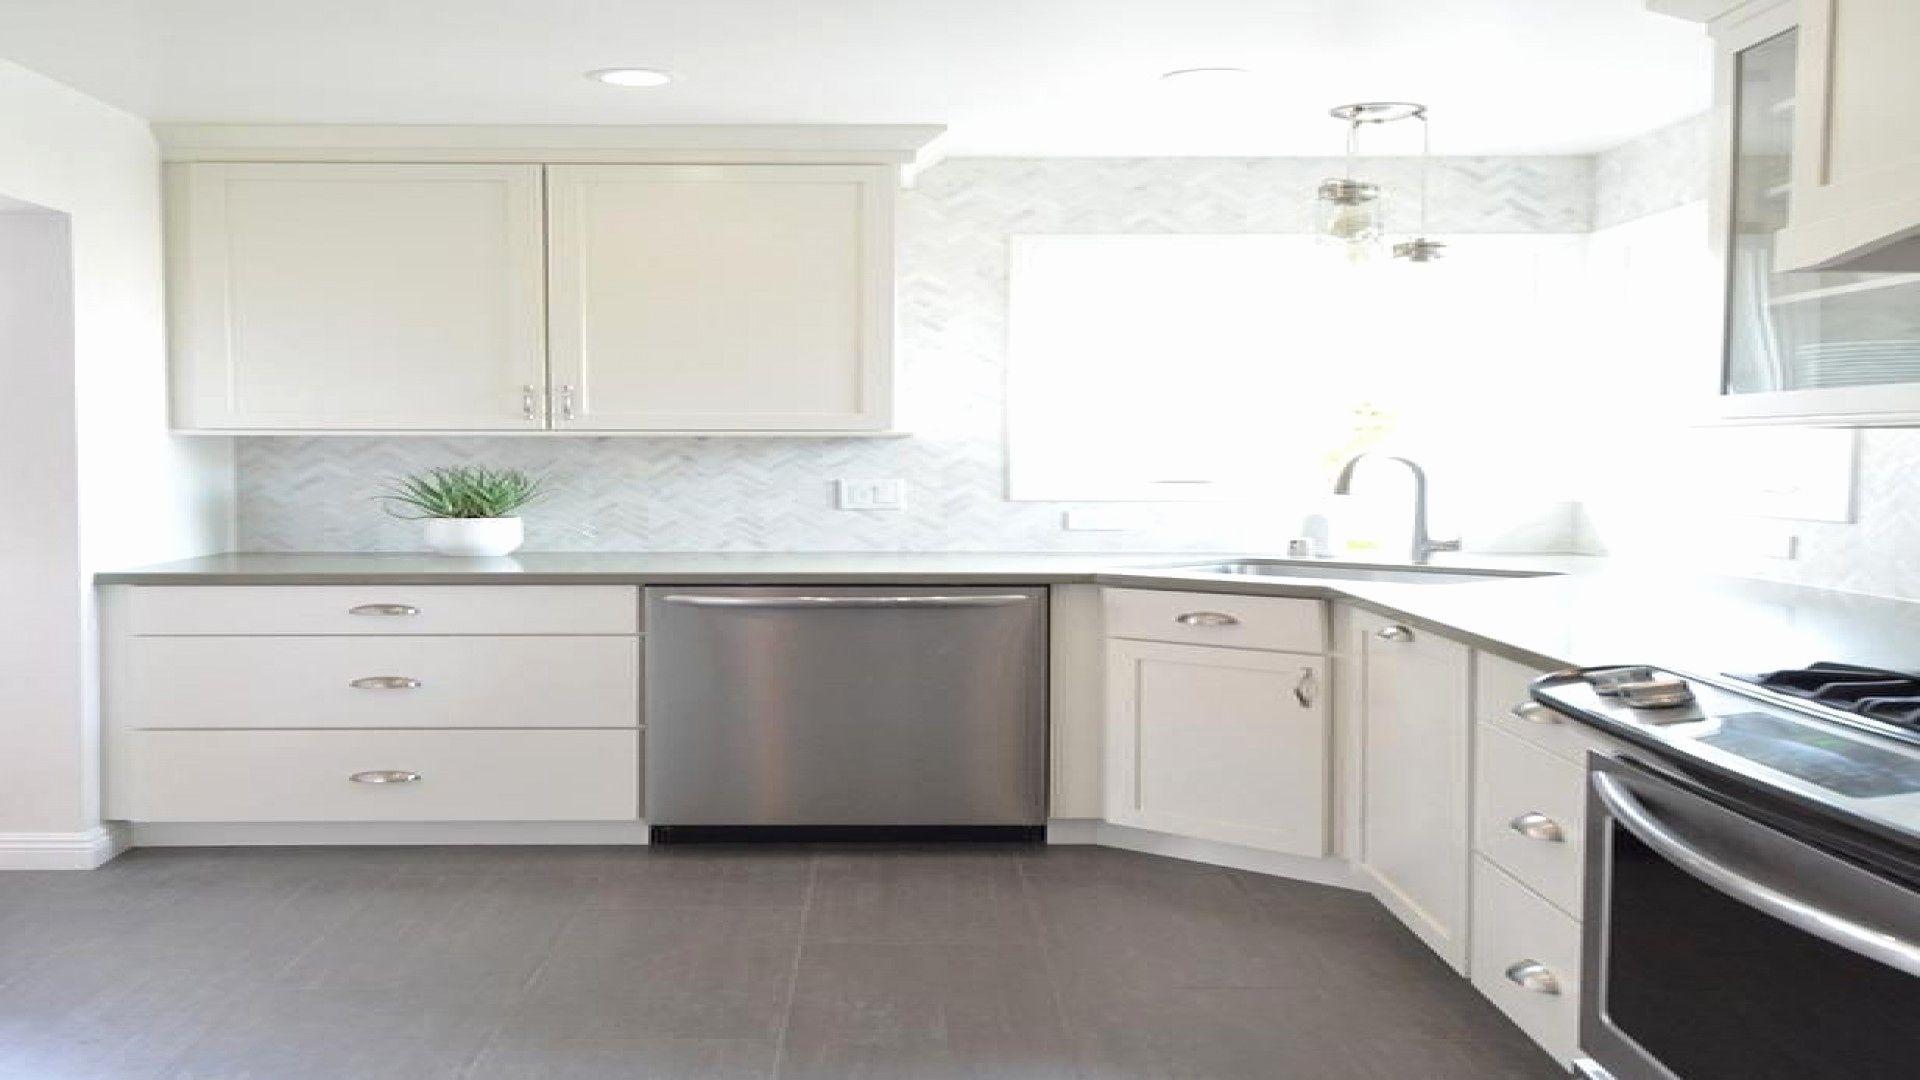 15 Luxury Kitchen Cabinet Design Ideas